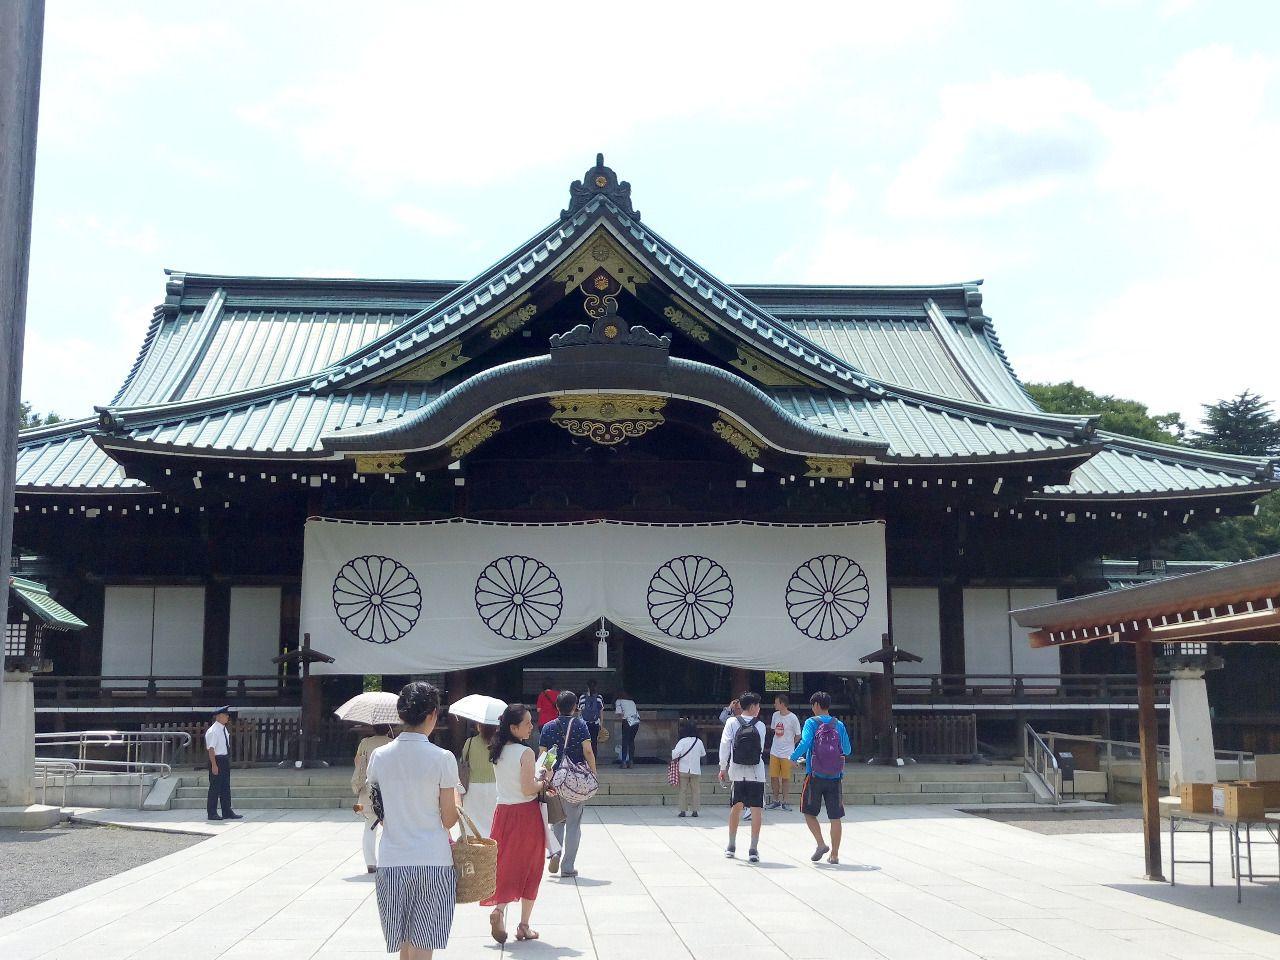 夏休みに行きたい場所 靖国神社